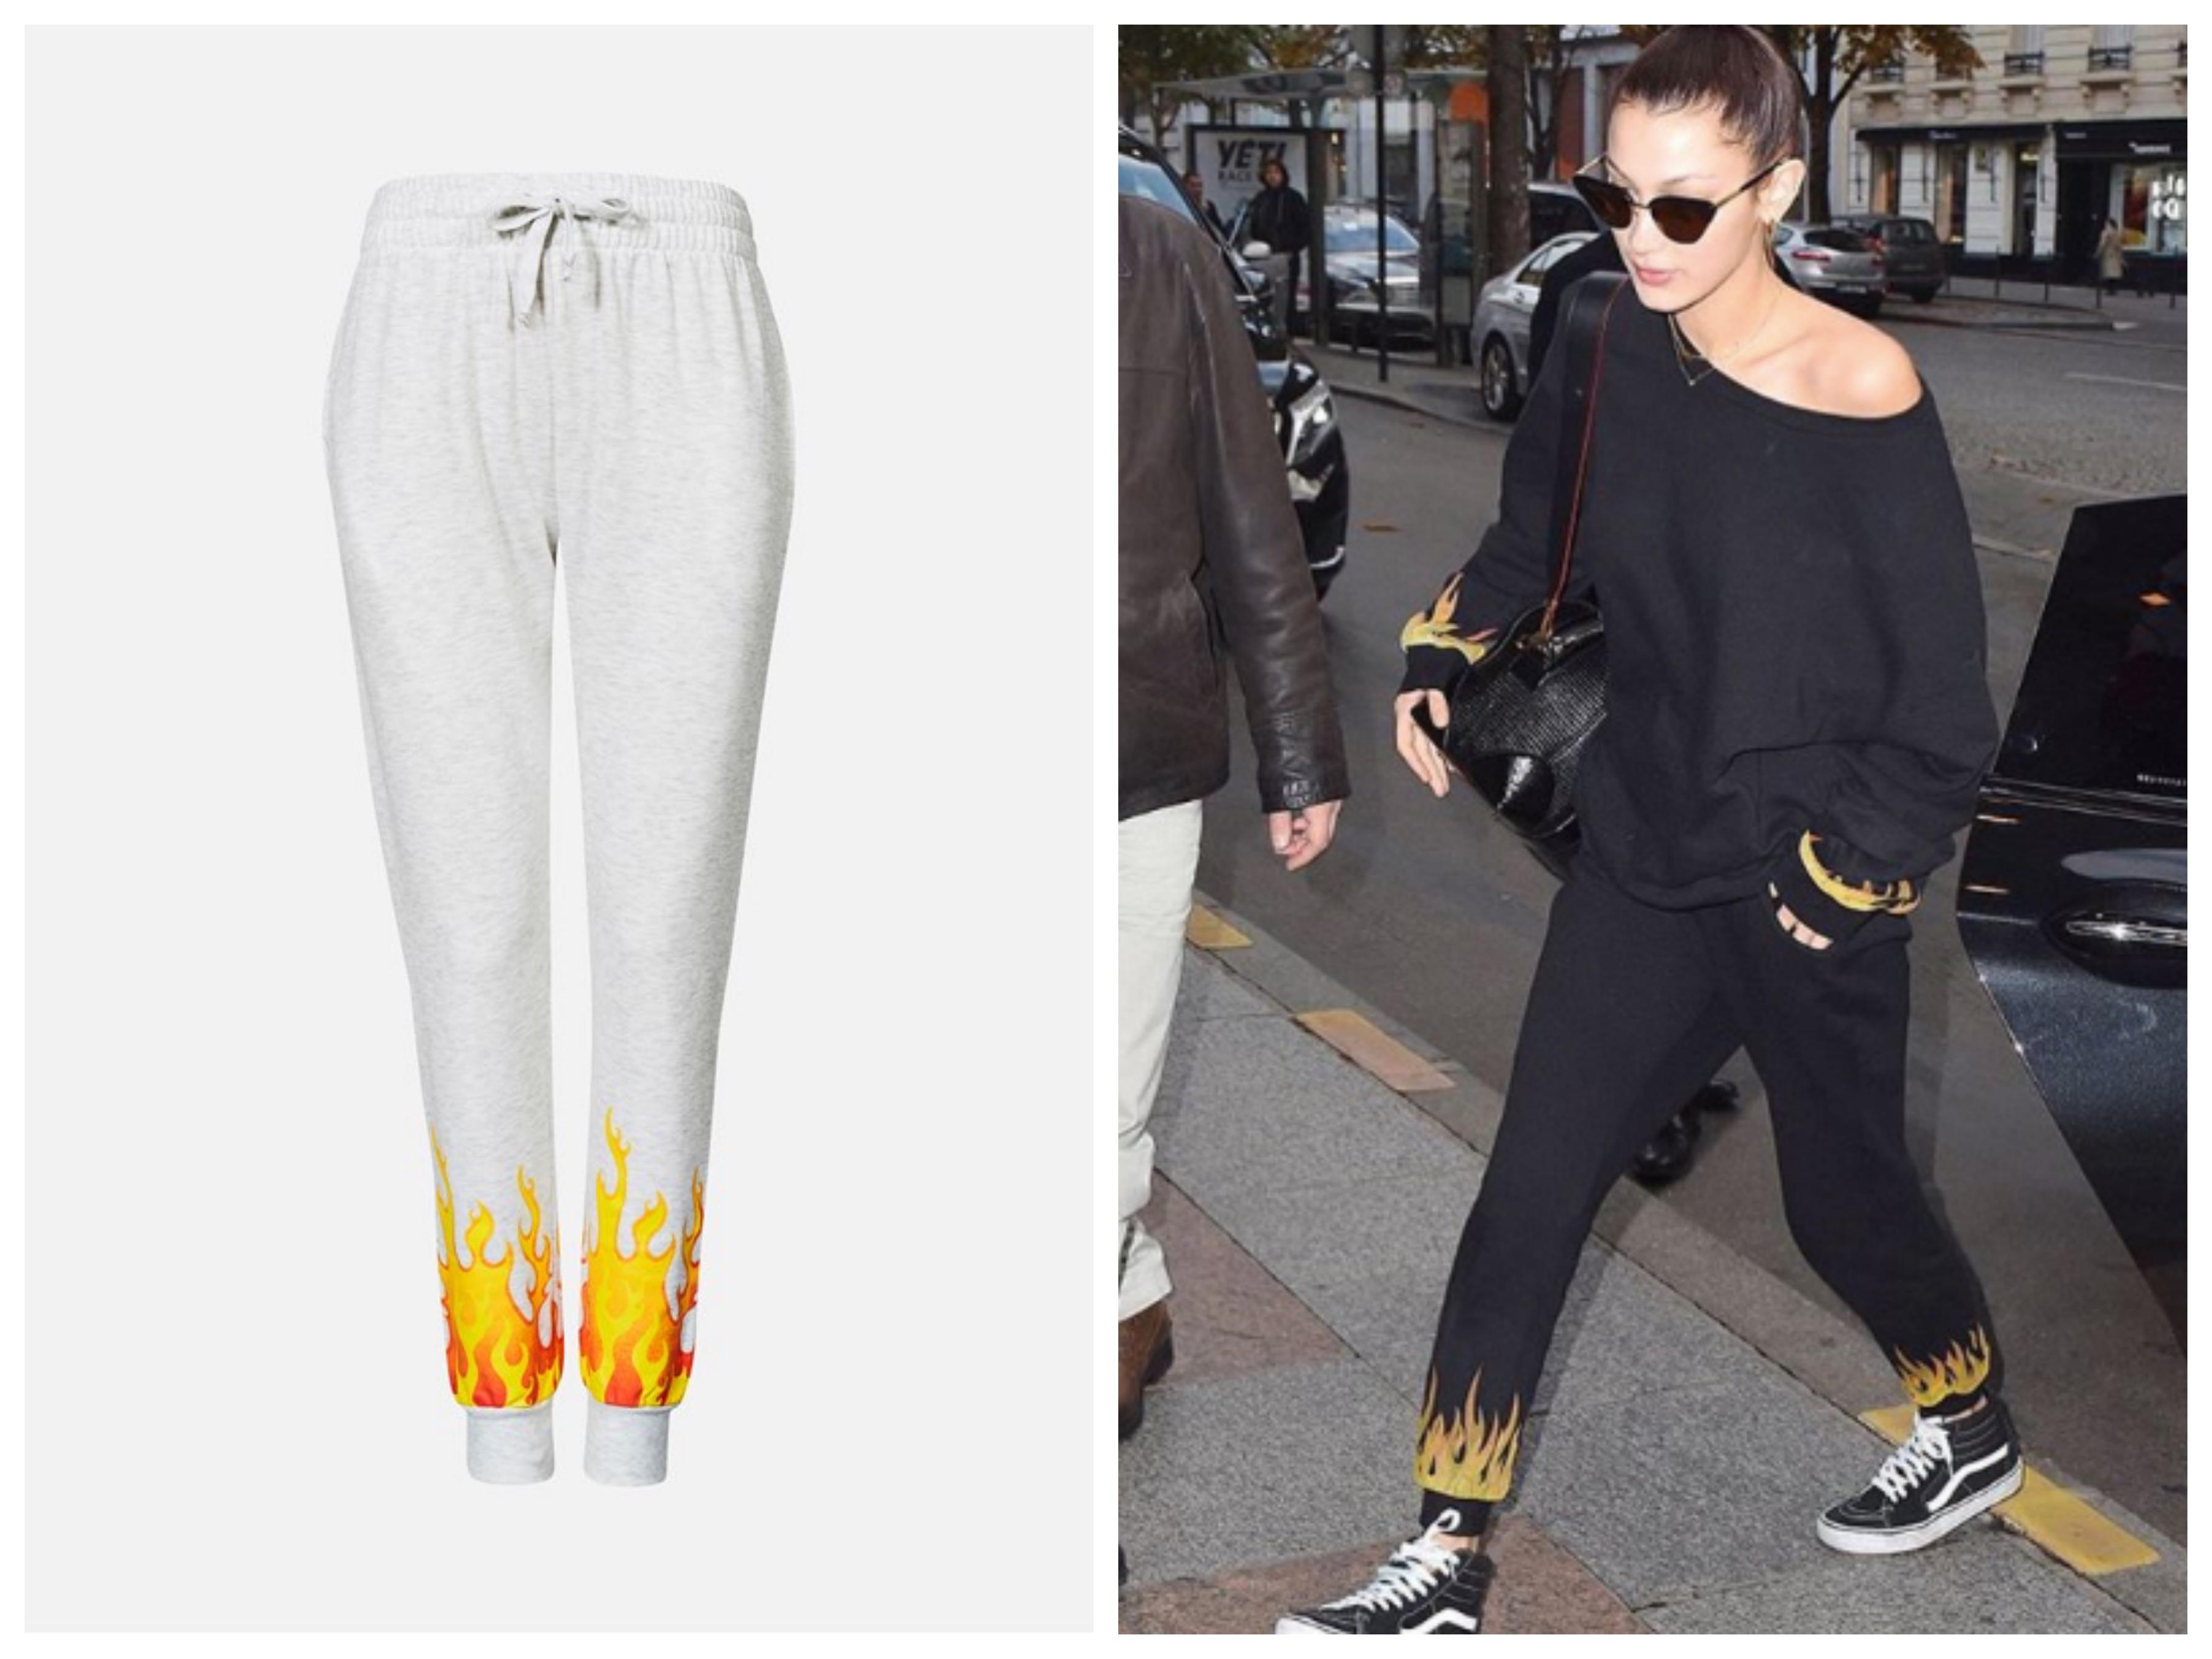 Kollasj med bilde av to joggebukser som er veldig like fra forskjellige merker